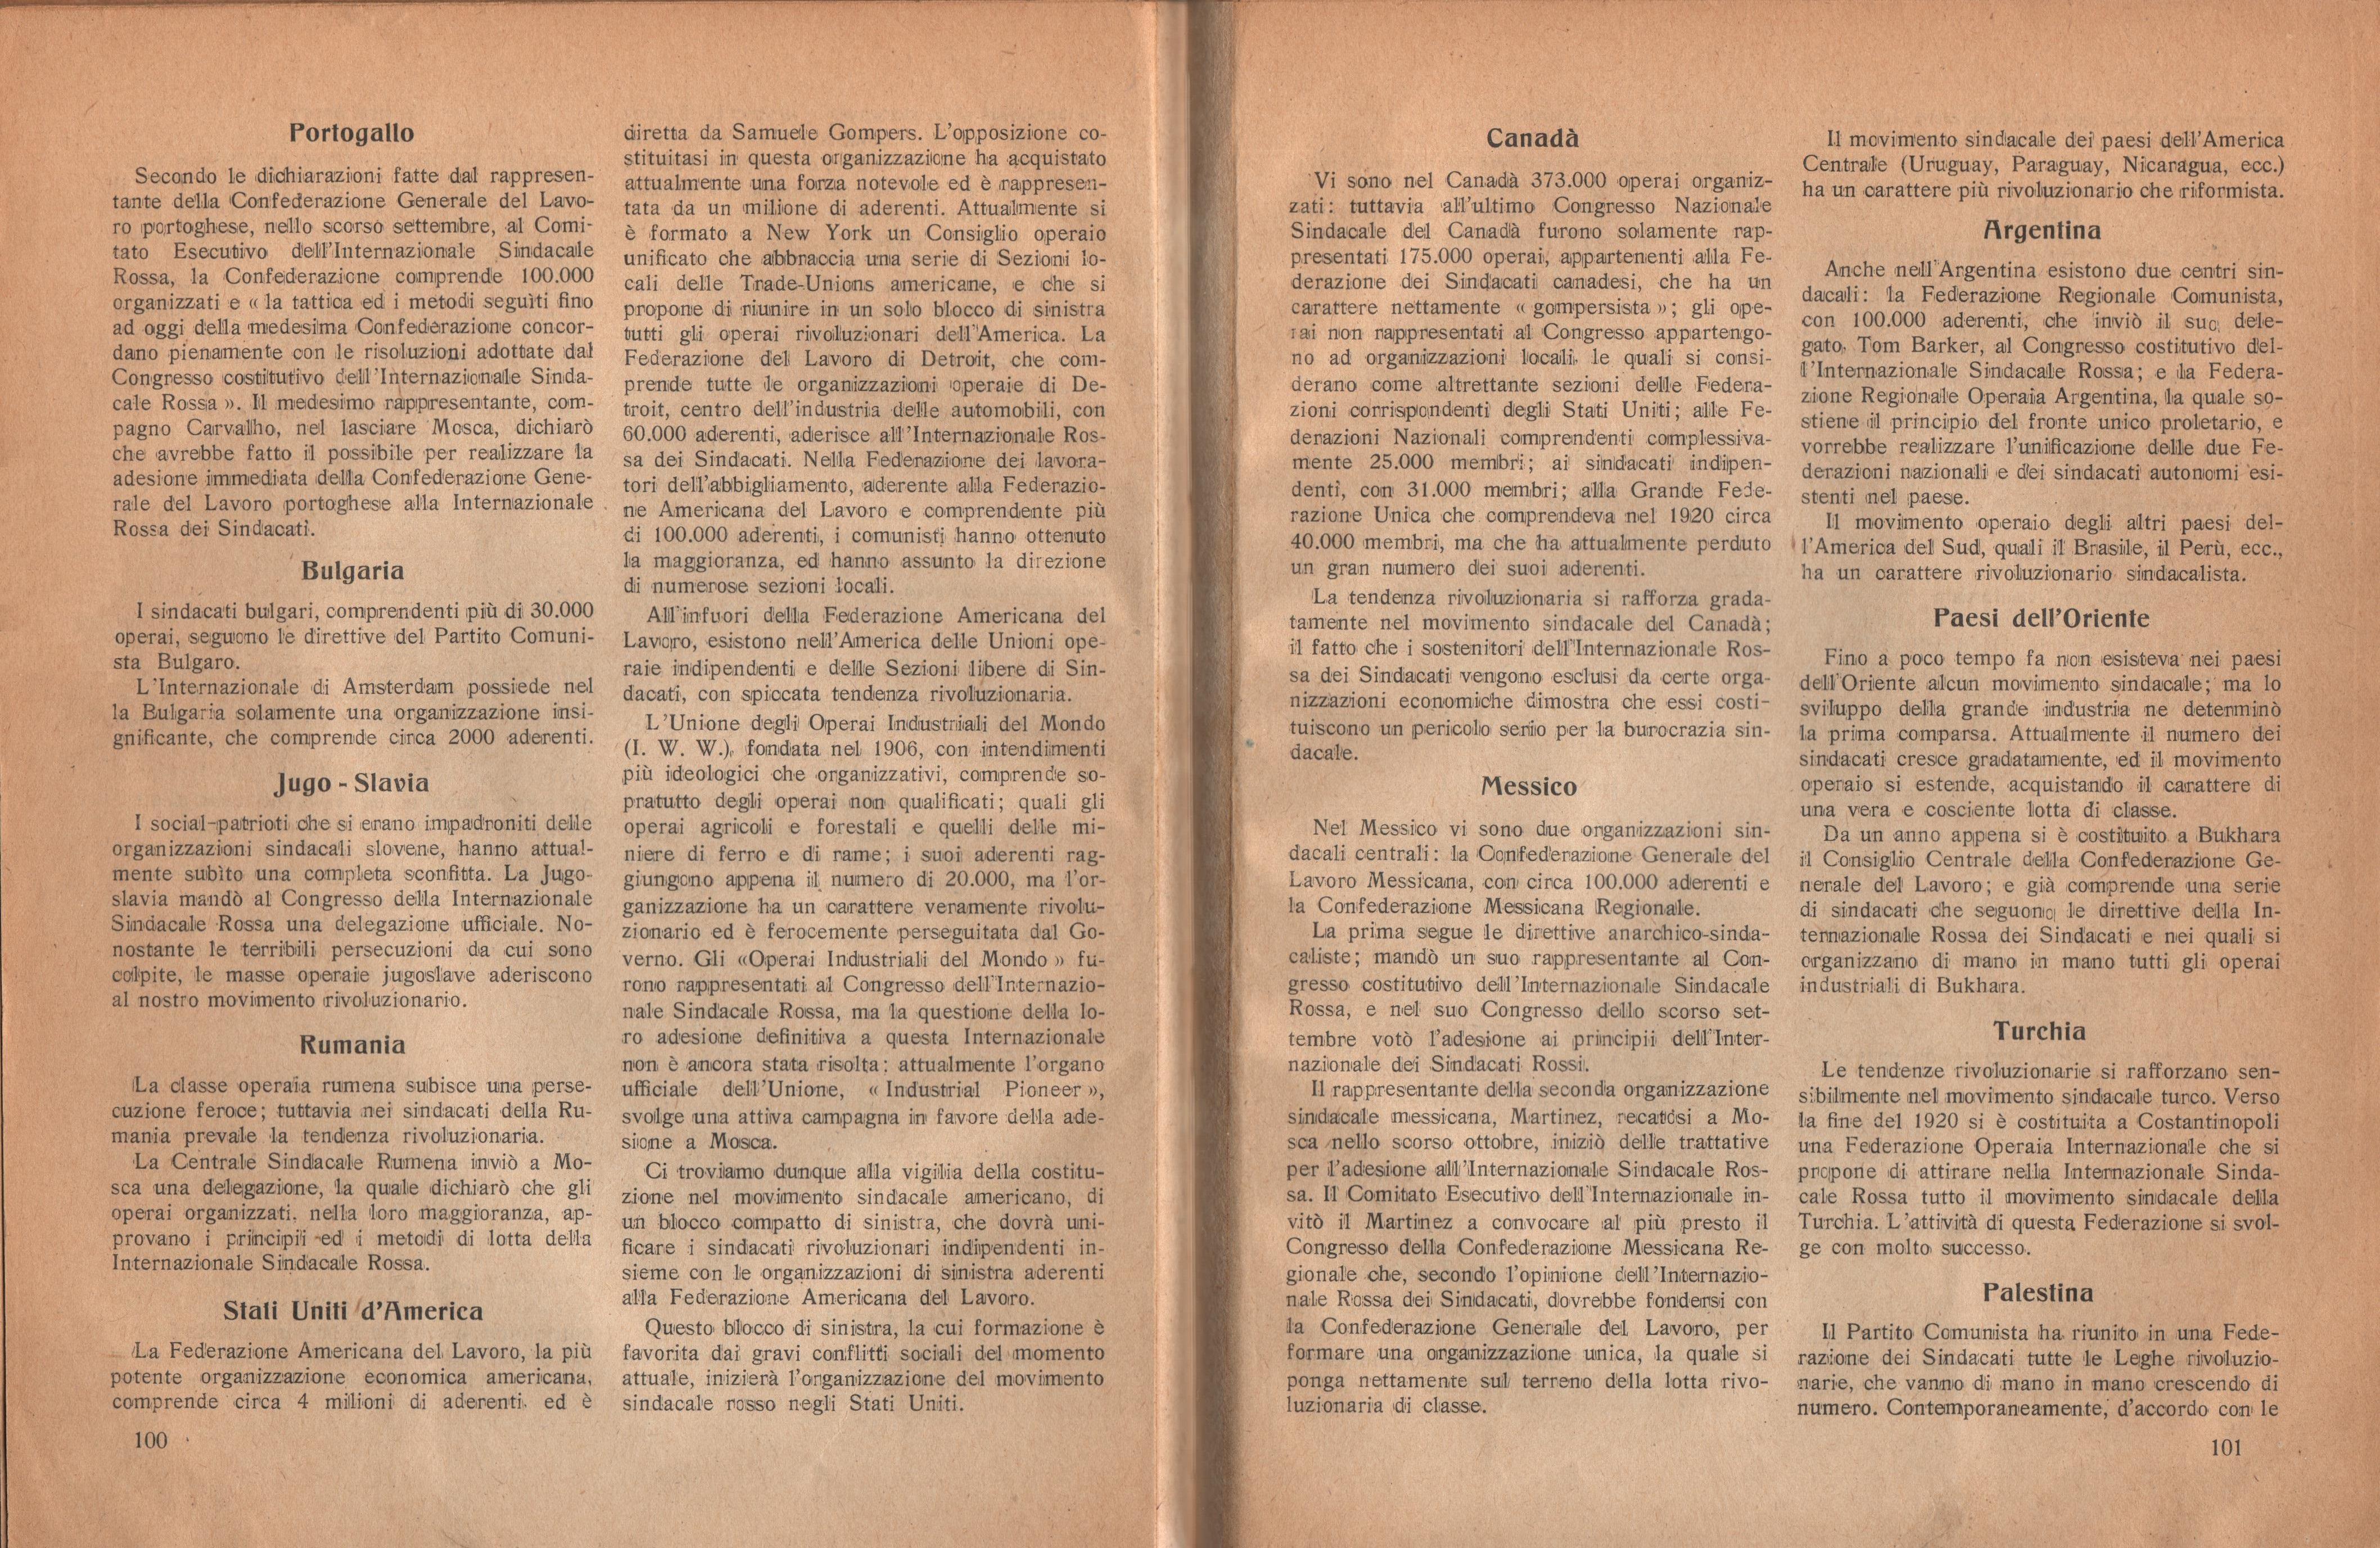 Almanacco comunista 1922 - pag. 60